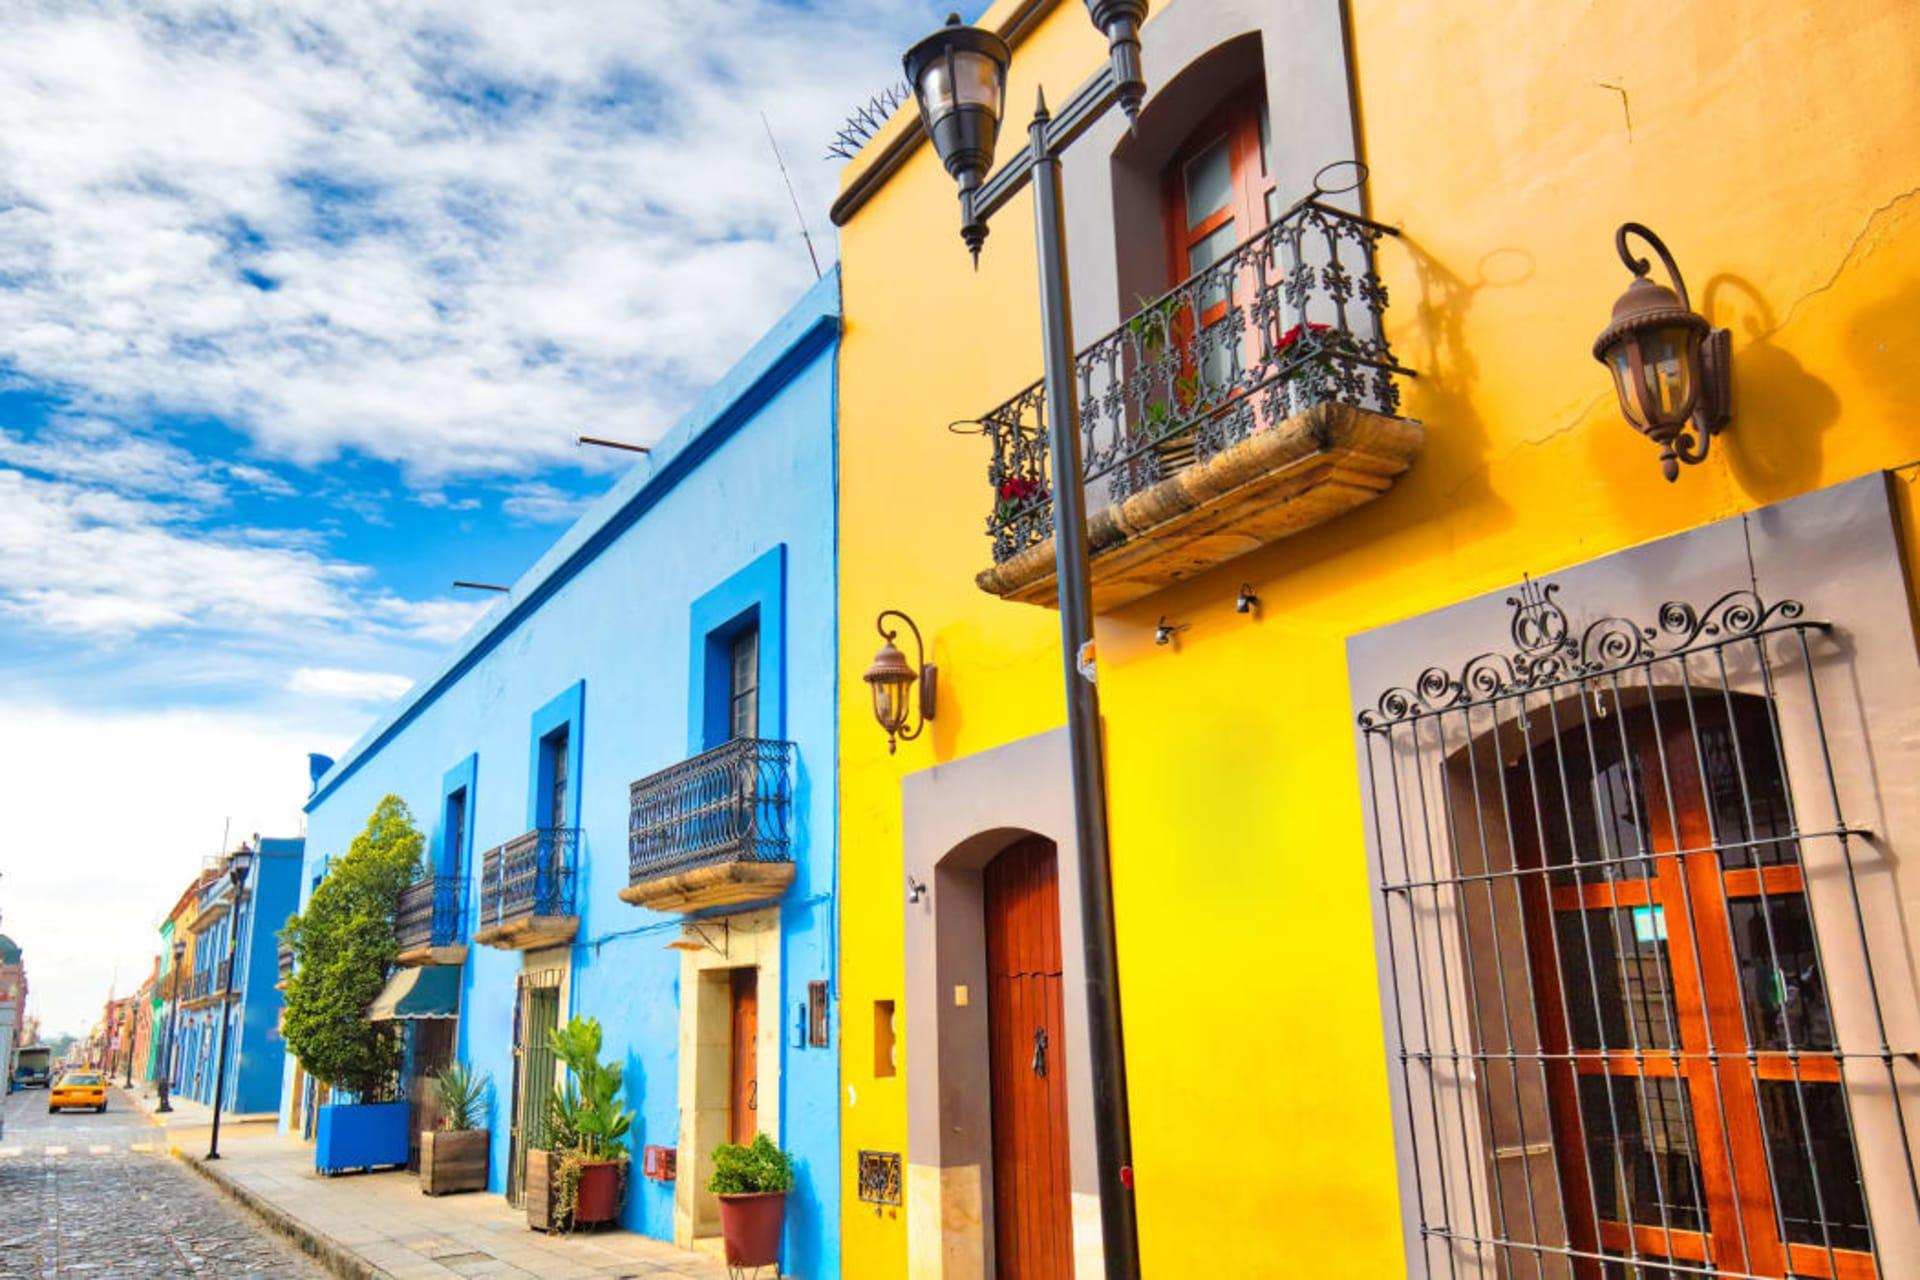 Oaxaca - Tour de la Ciudad de Oaxaca (TOUR IN SPANISH)